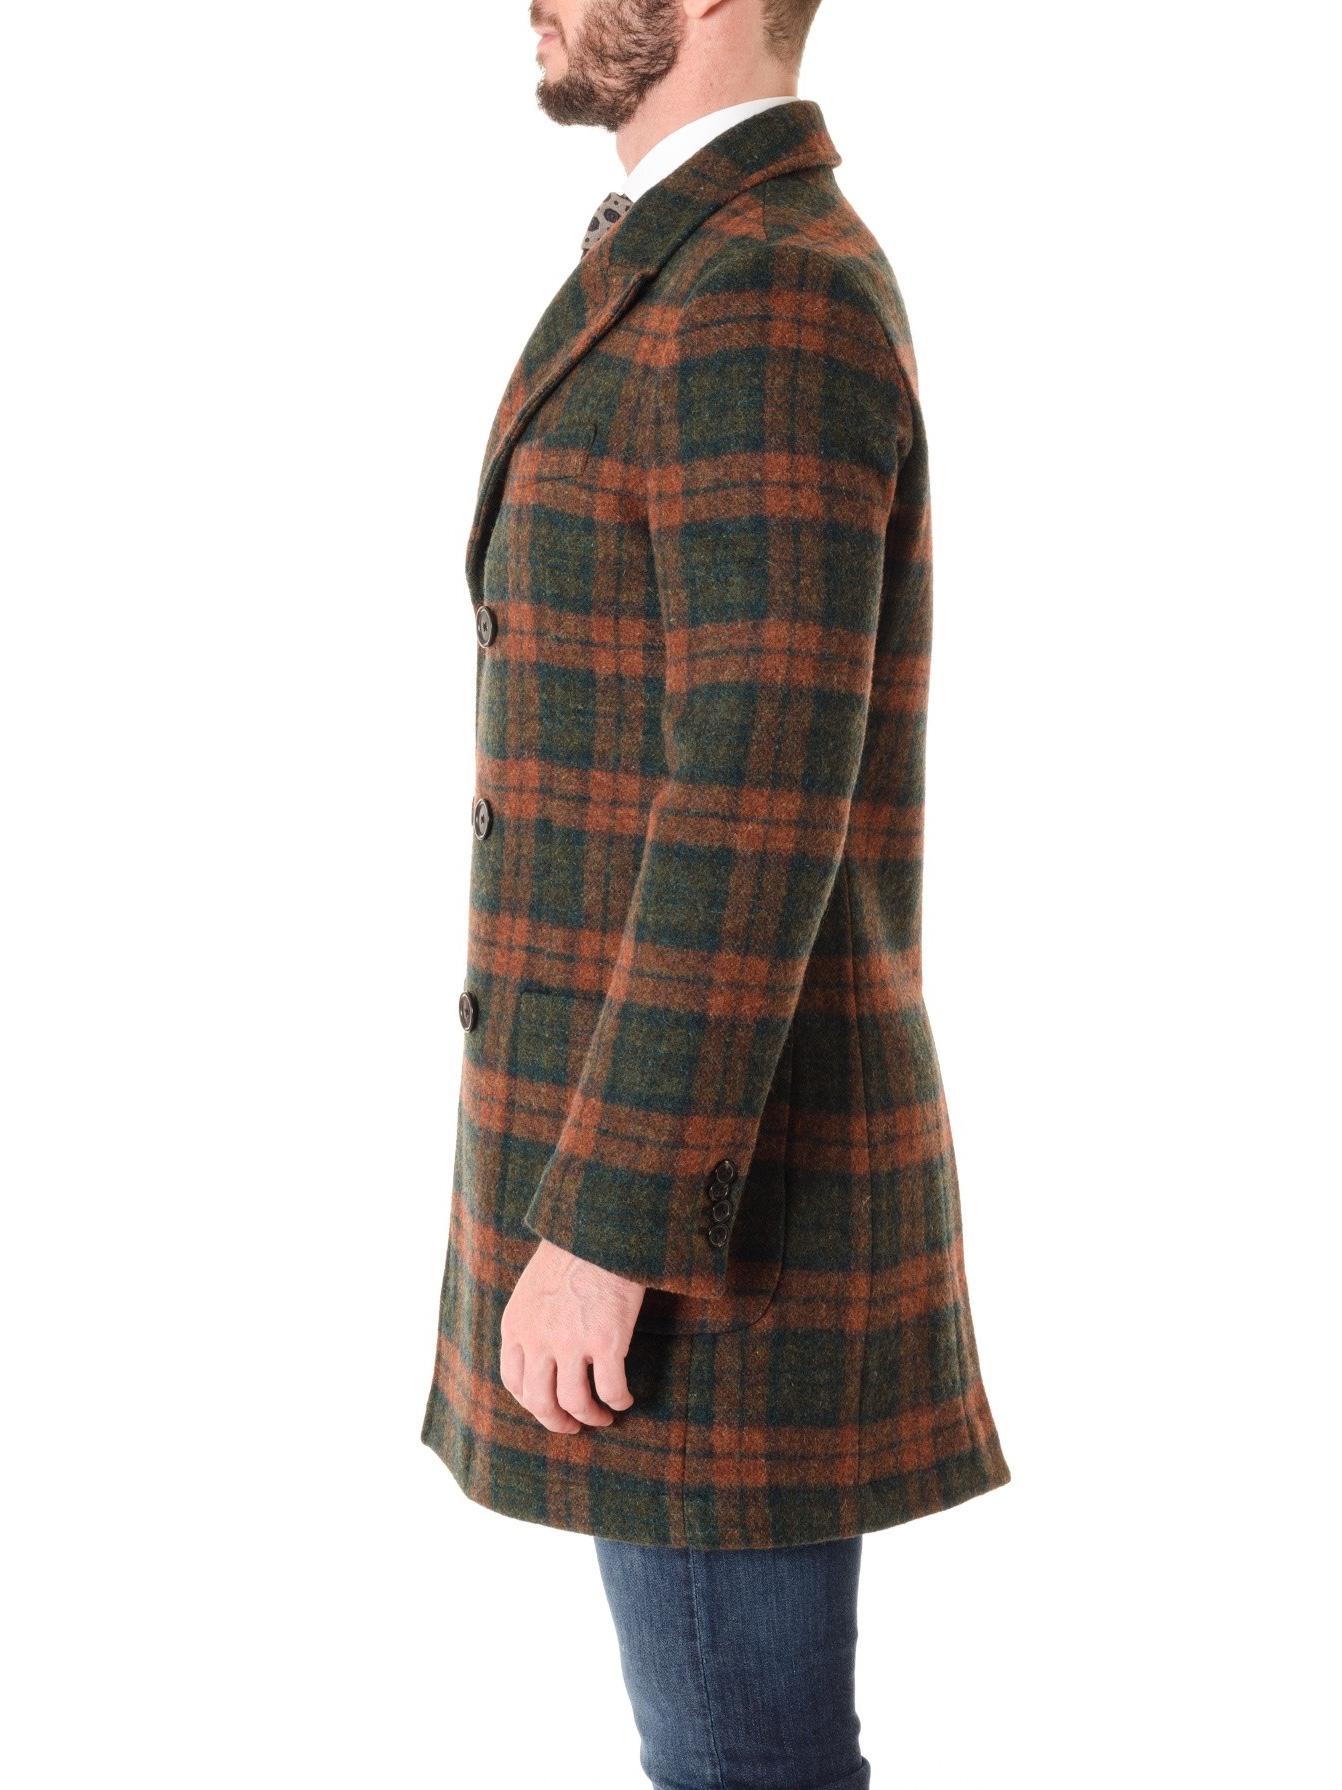 cappotto-per-uomo-ai-palto-verderuggine-pino-16-clan (1).jpg